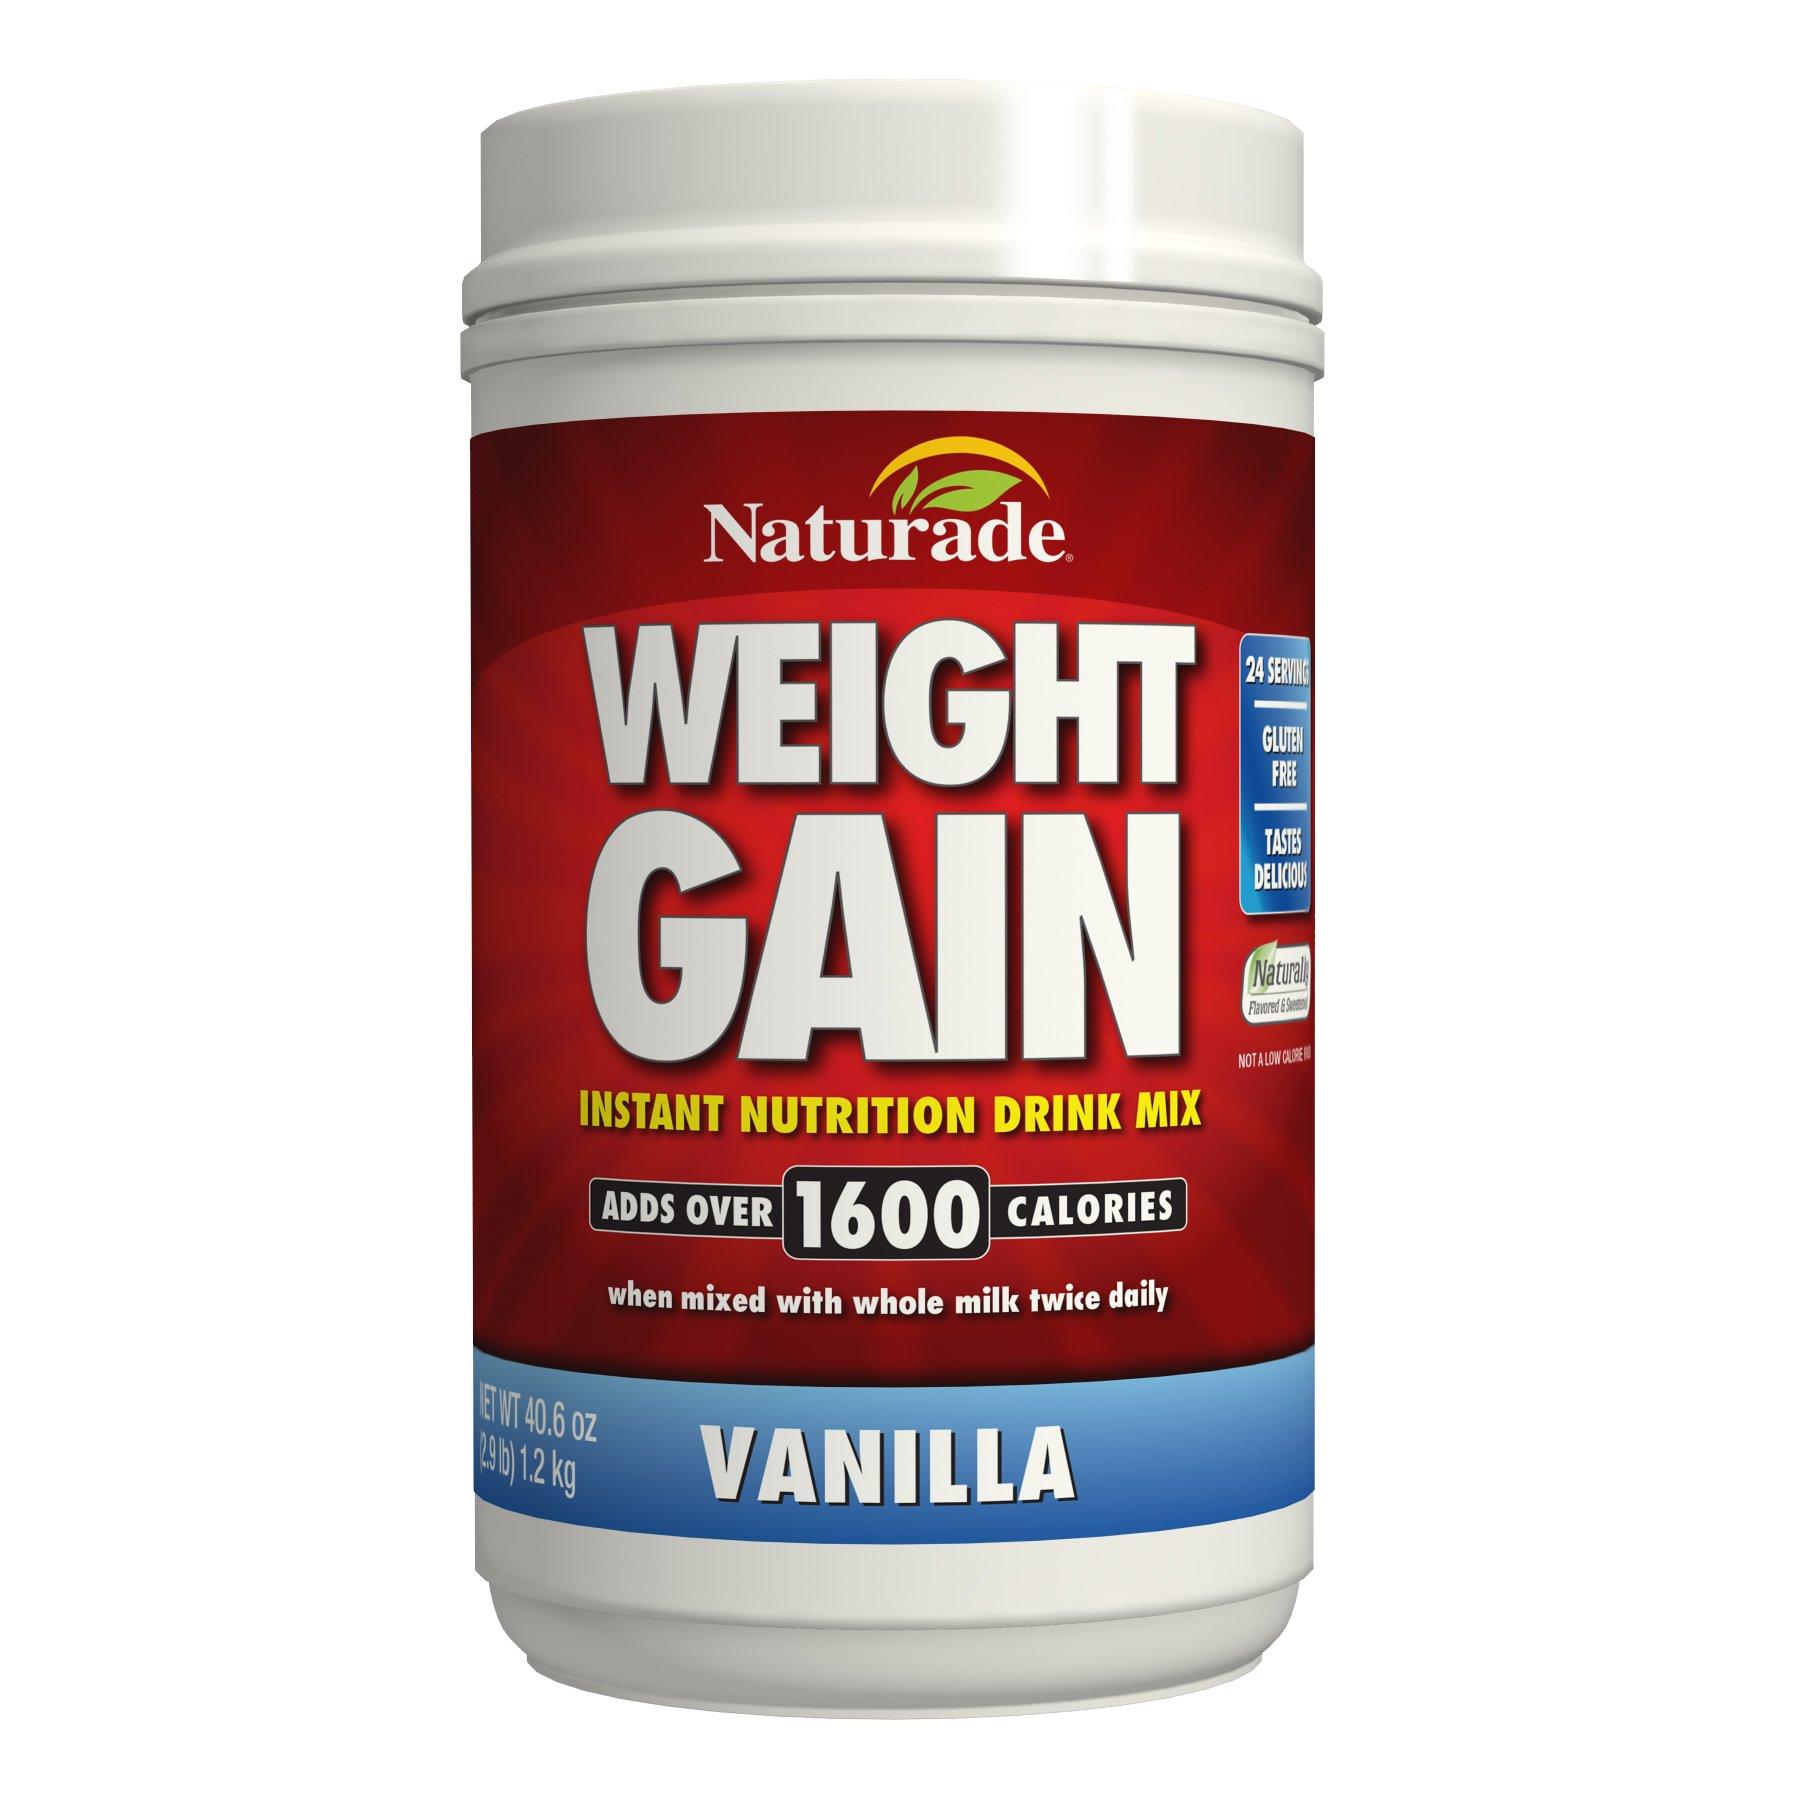 Amazon.com: Weight Gain Formula GAIN CURVES Gain weight pills for women. Skinny Women gain